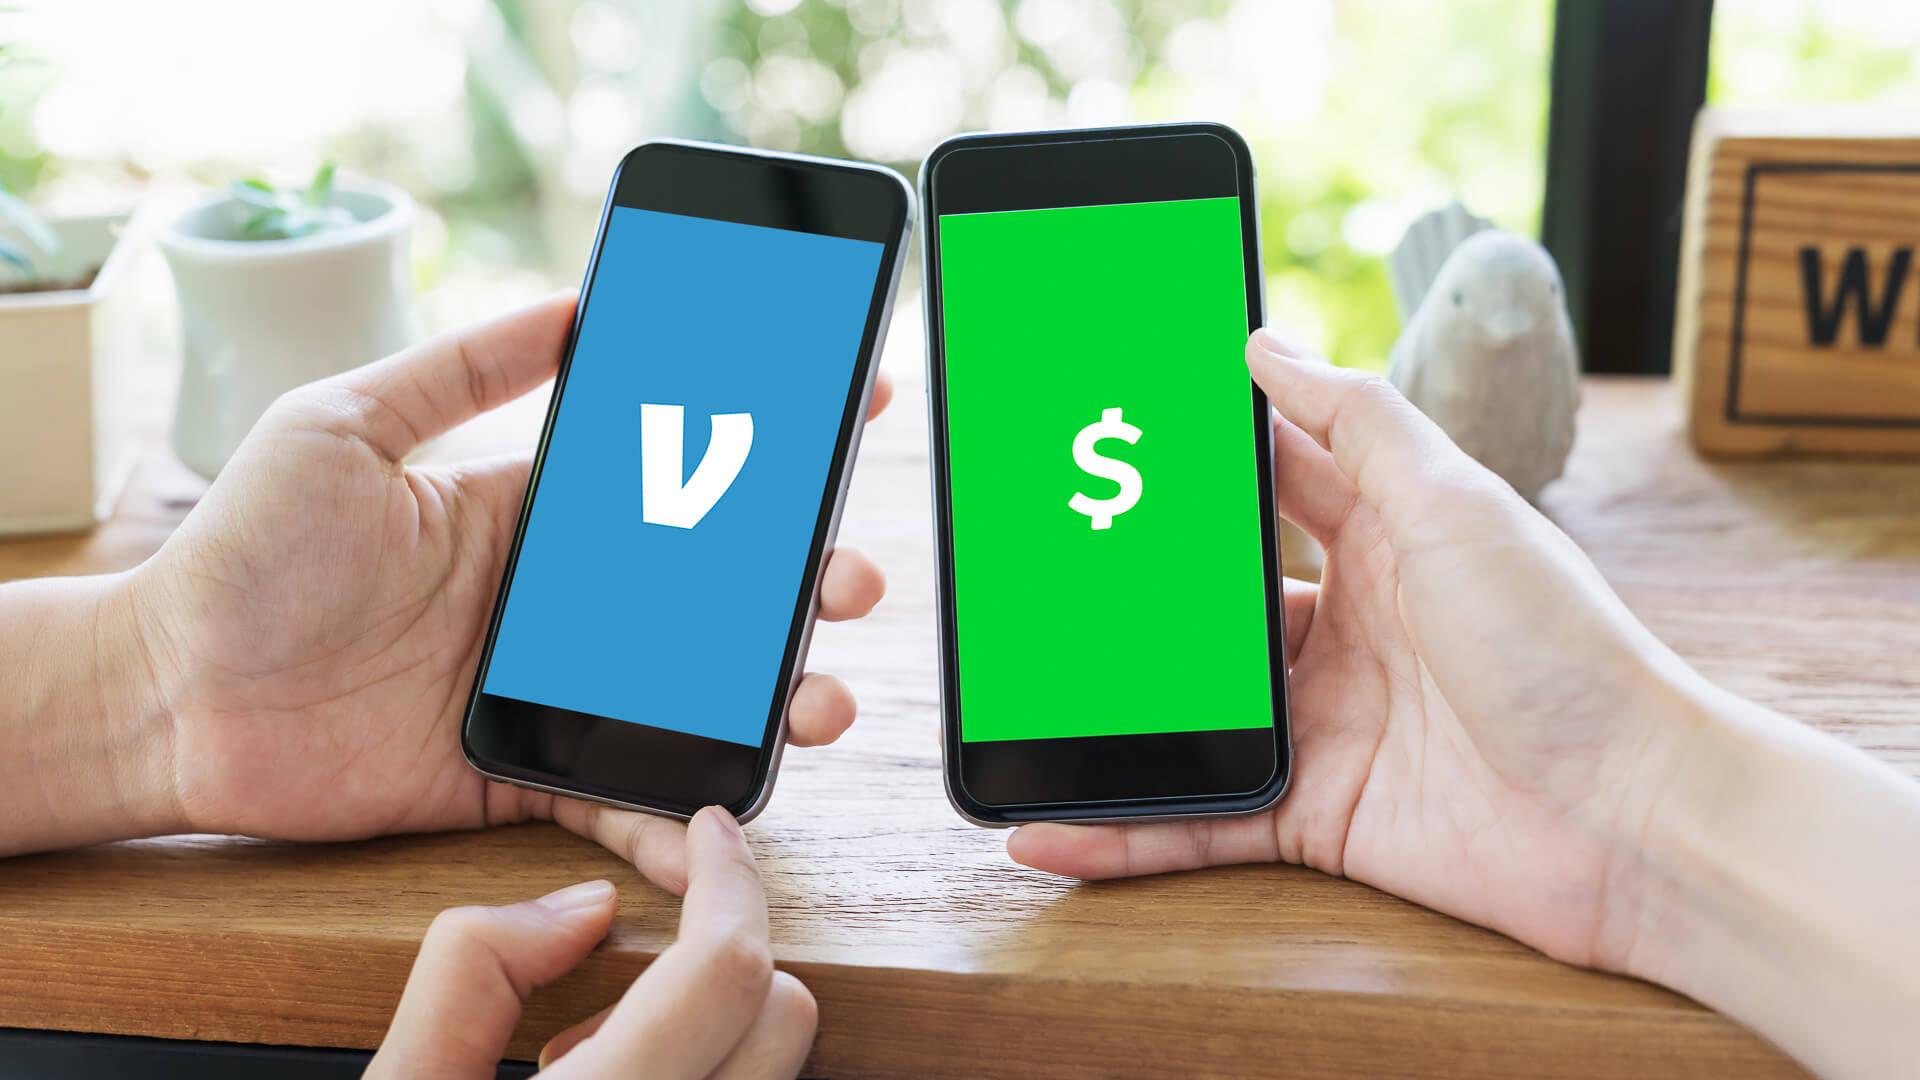 Venmo versus Square Cash App